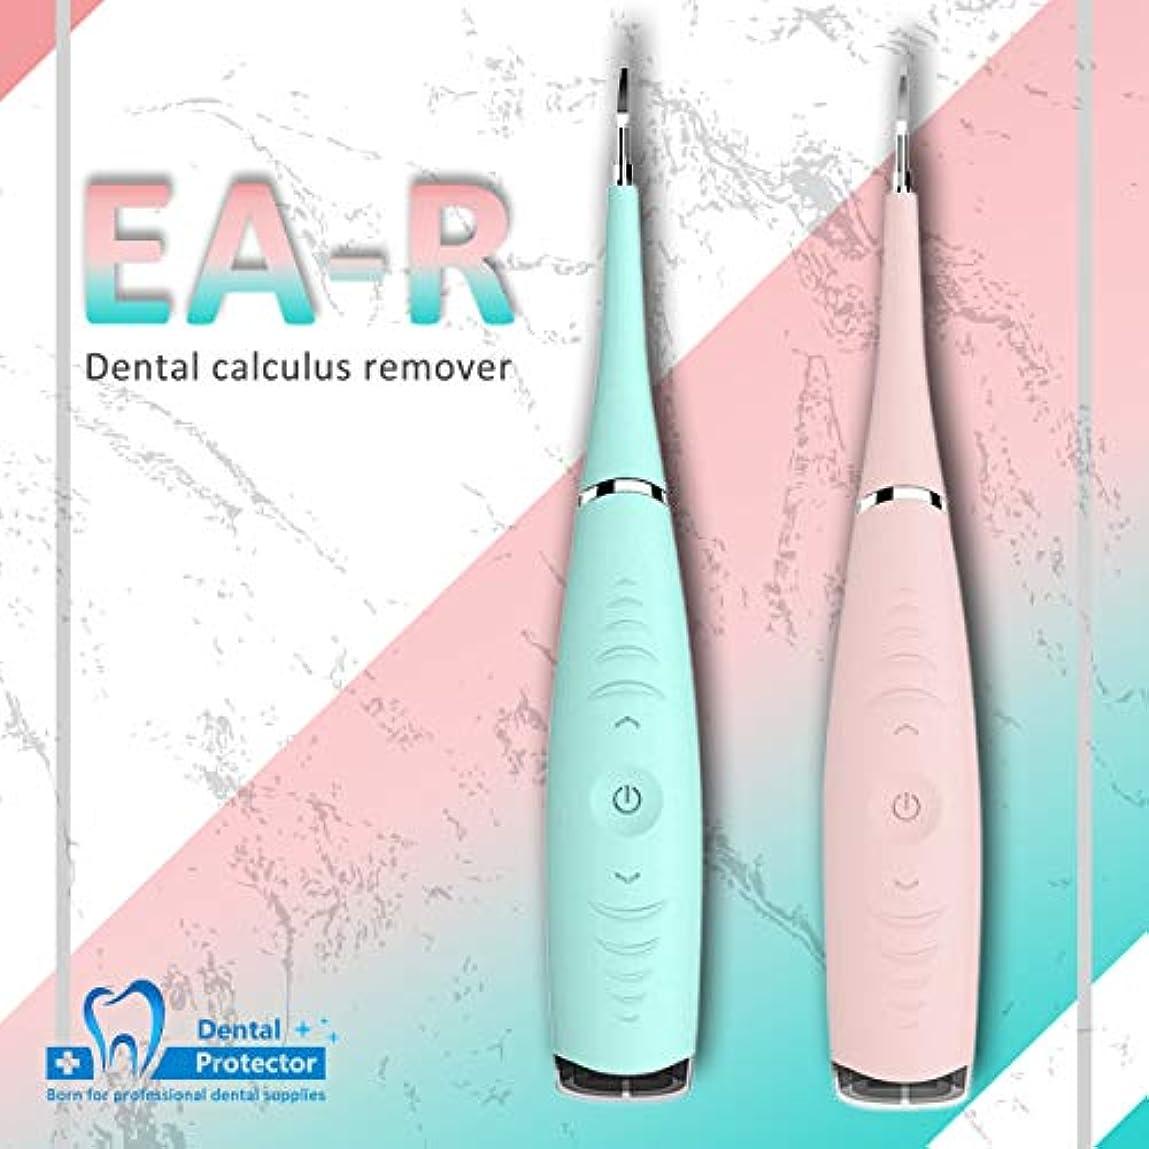 柔らかい表現つかの間ポータブル電動ソニック歯科スケーラー歯石除去剤歯汚れ歯石ツール歯医者ホワイトニング歯健康衛生ホワイト